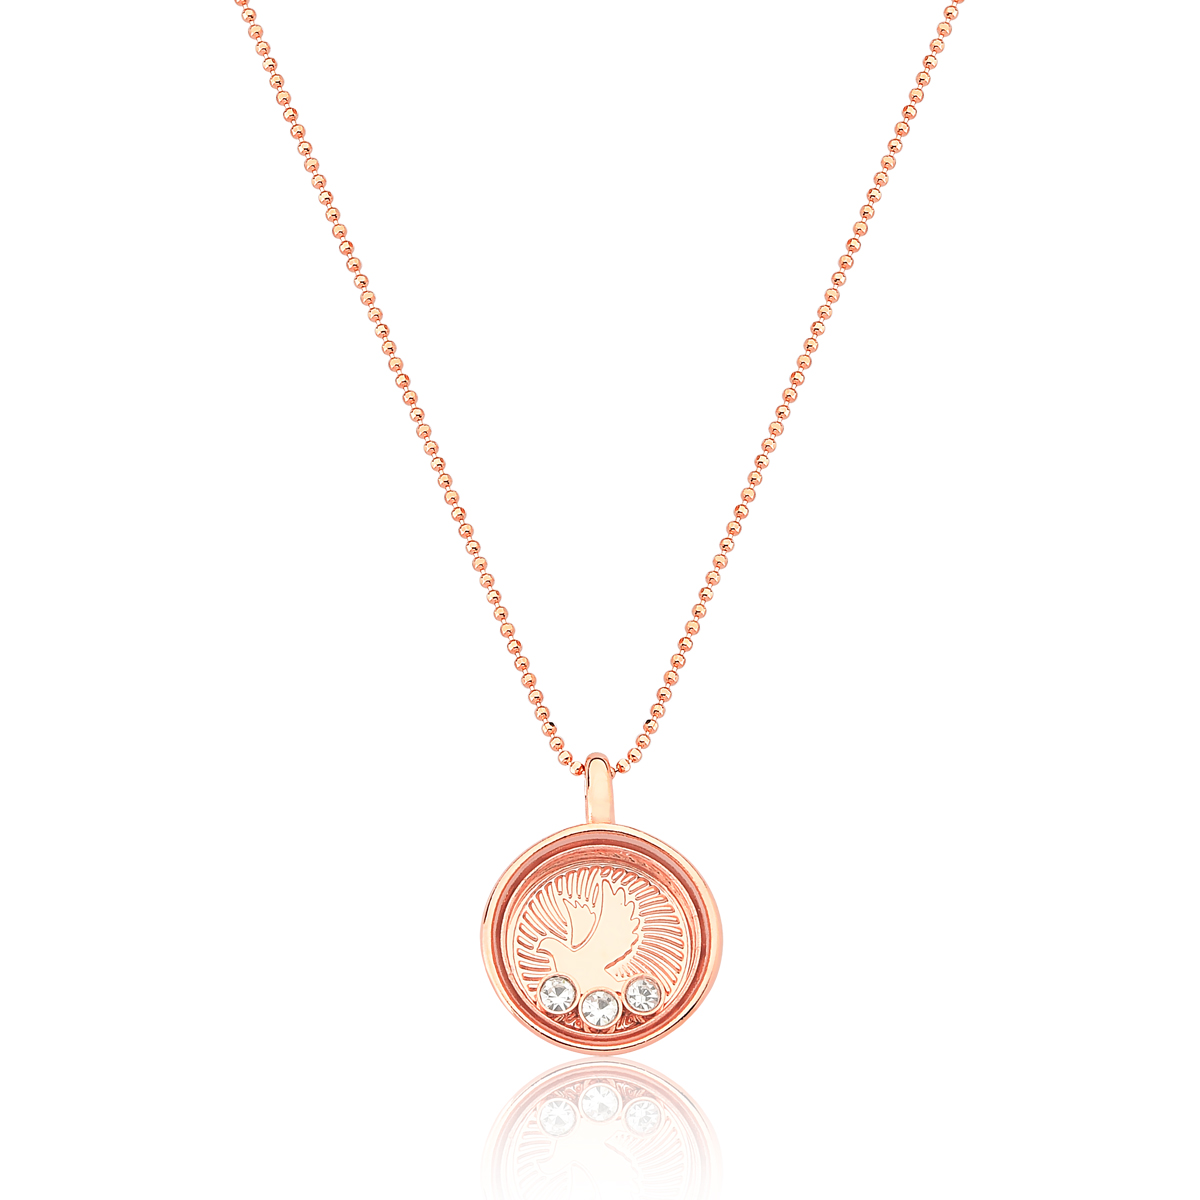 Colar Reliquaire Ballet Crystals Faith Revestido em Ouro Rose